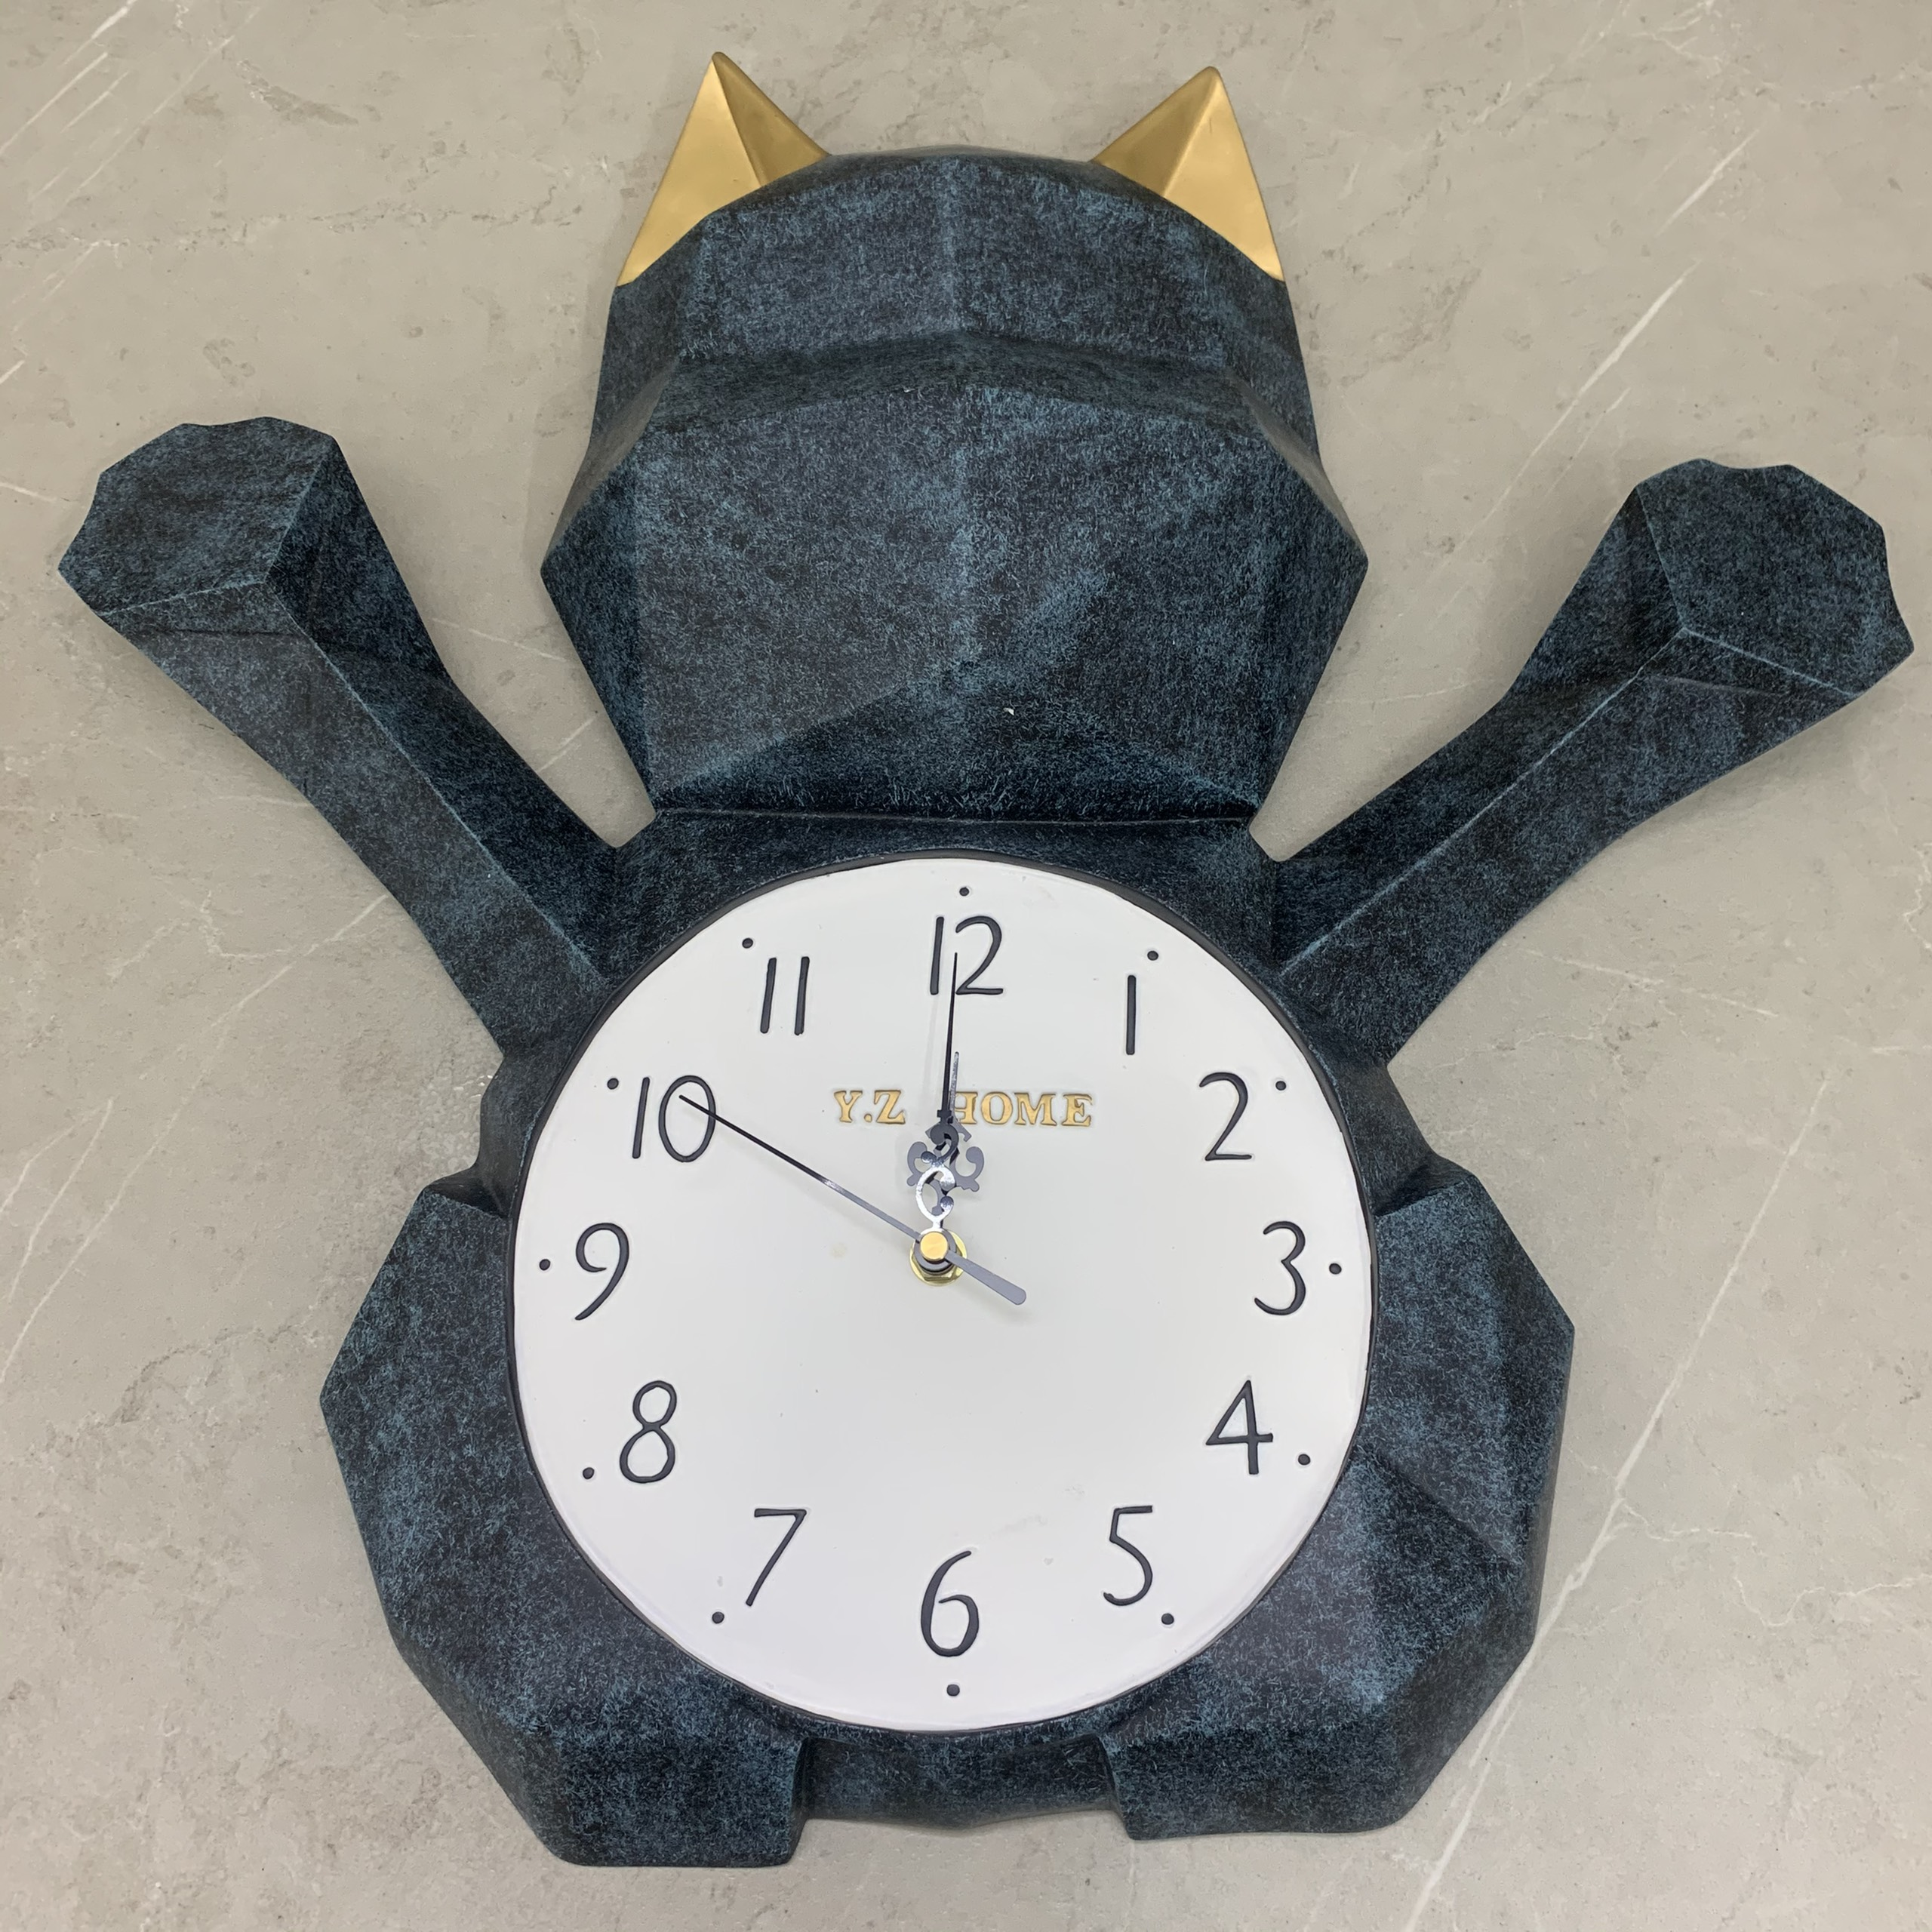 Đồng hồ trang trí treo tường cao cấp 0019 – Mô hình mèo may mắn